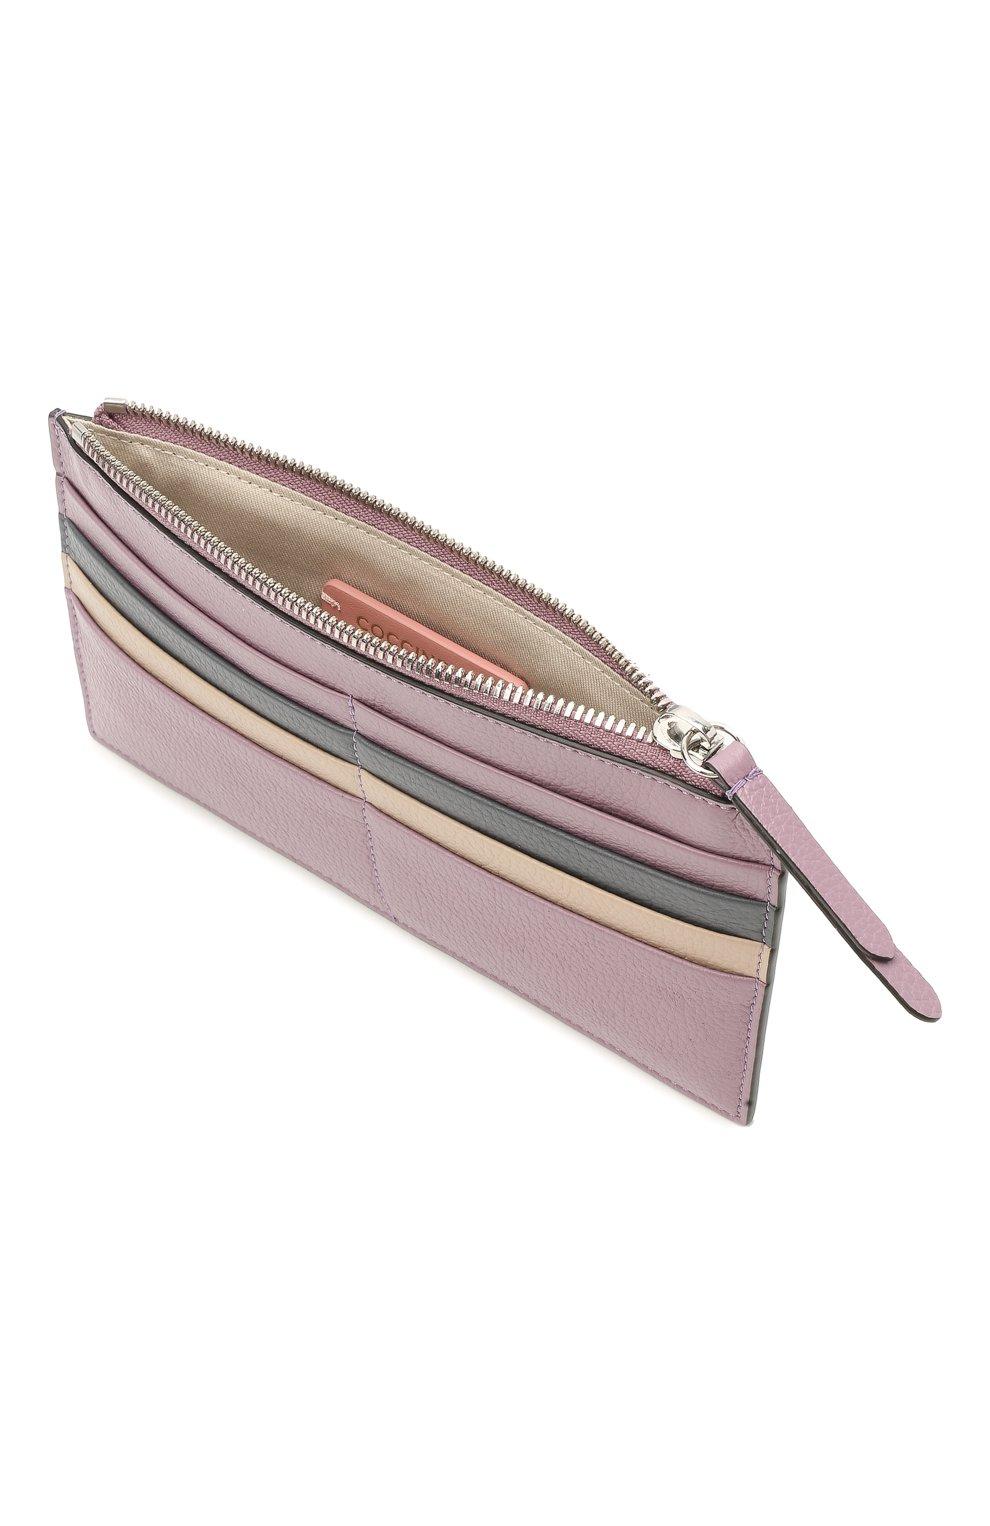 Женский кожаный футляр для кредитный карт COCCINELLE разноцветного цвета, арт. E5 HV1 19 D1 16   Фото 3